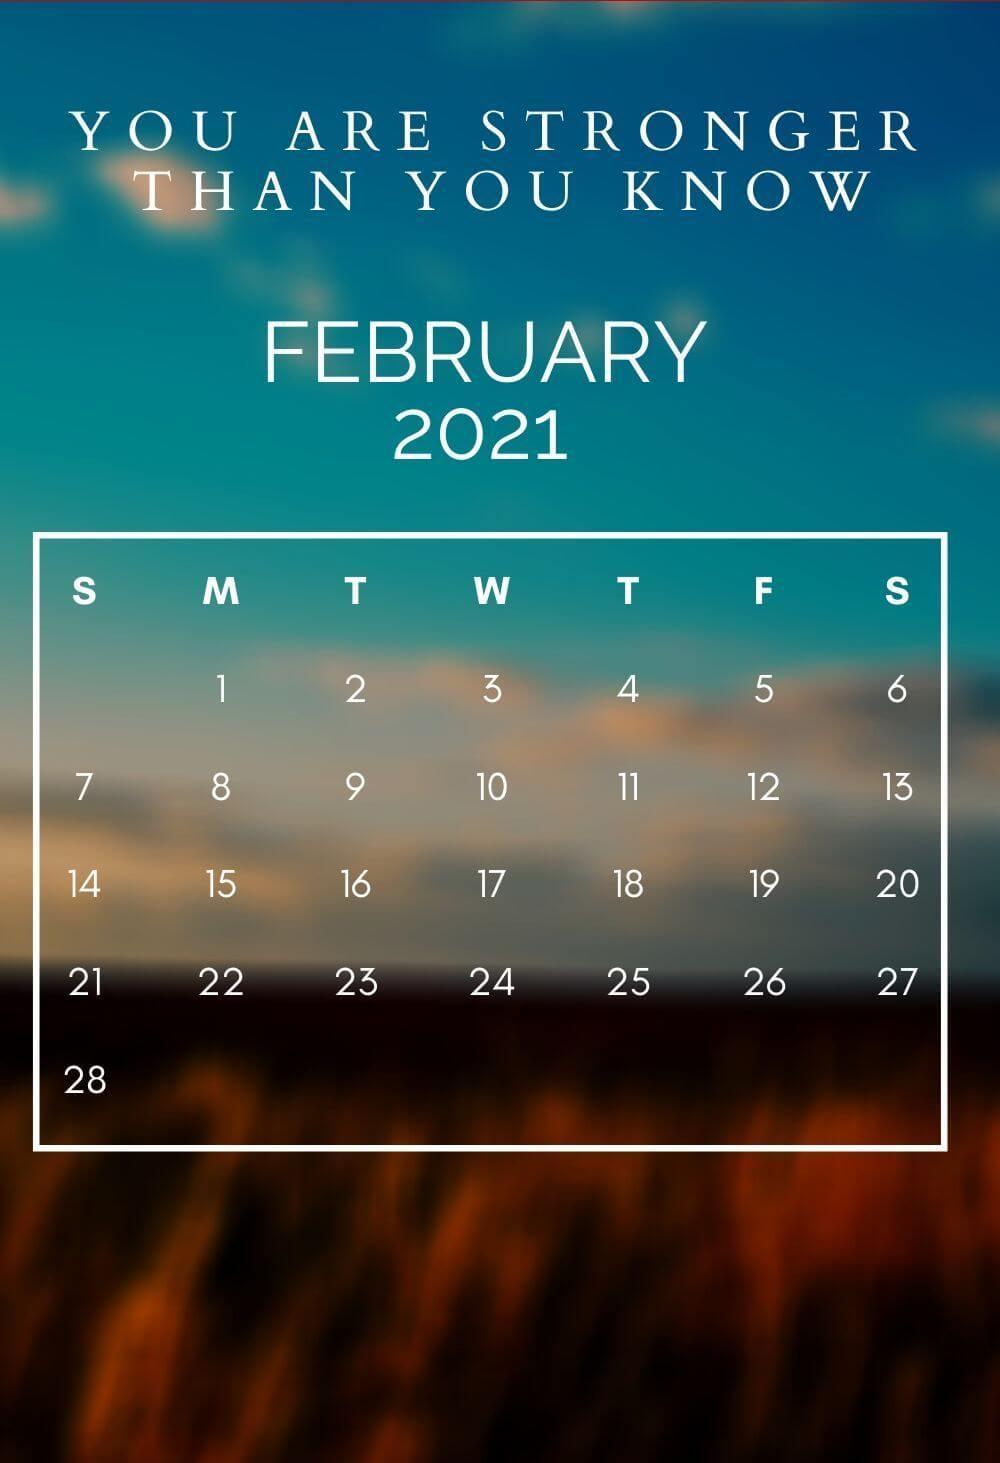 February 2021 Desktop Calendar Wallpaper